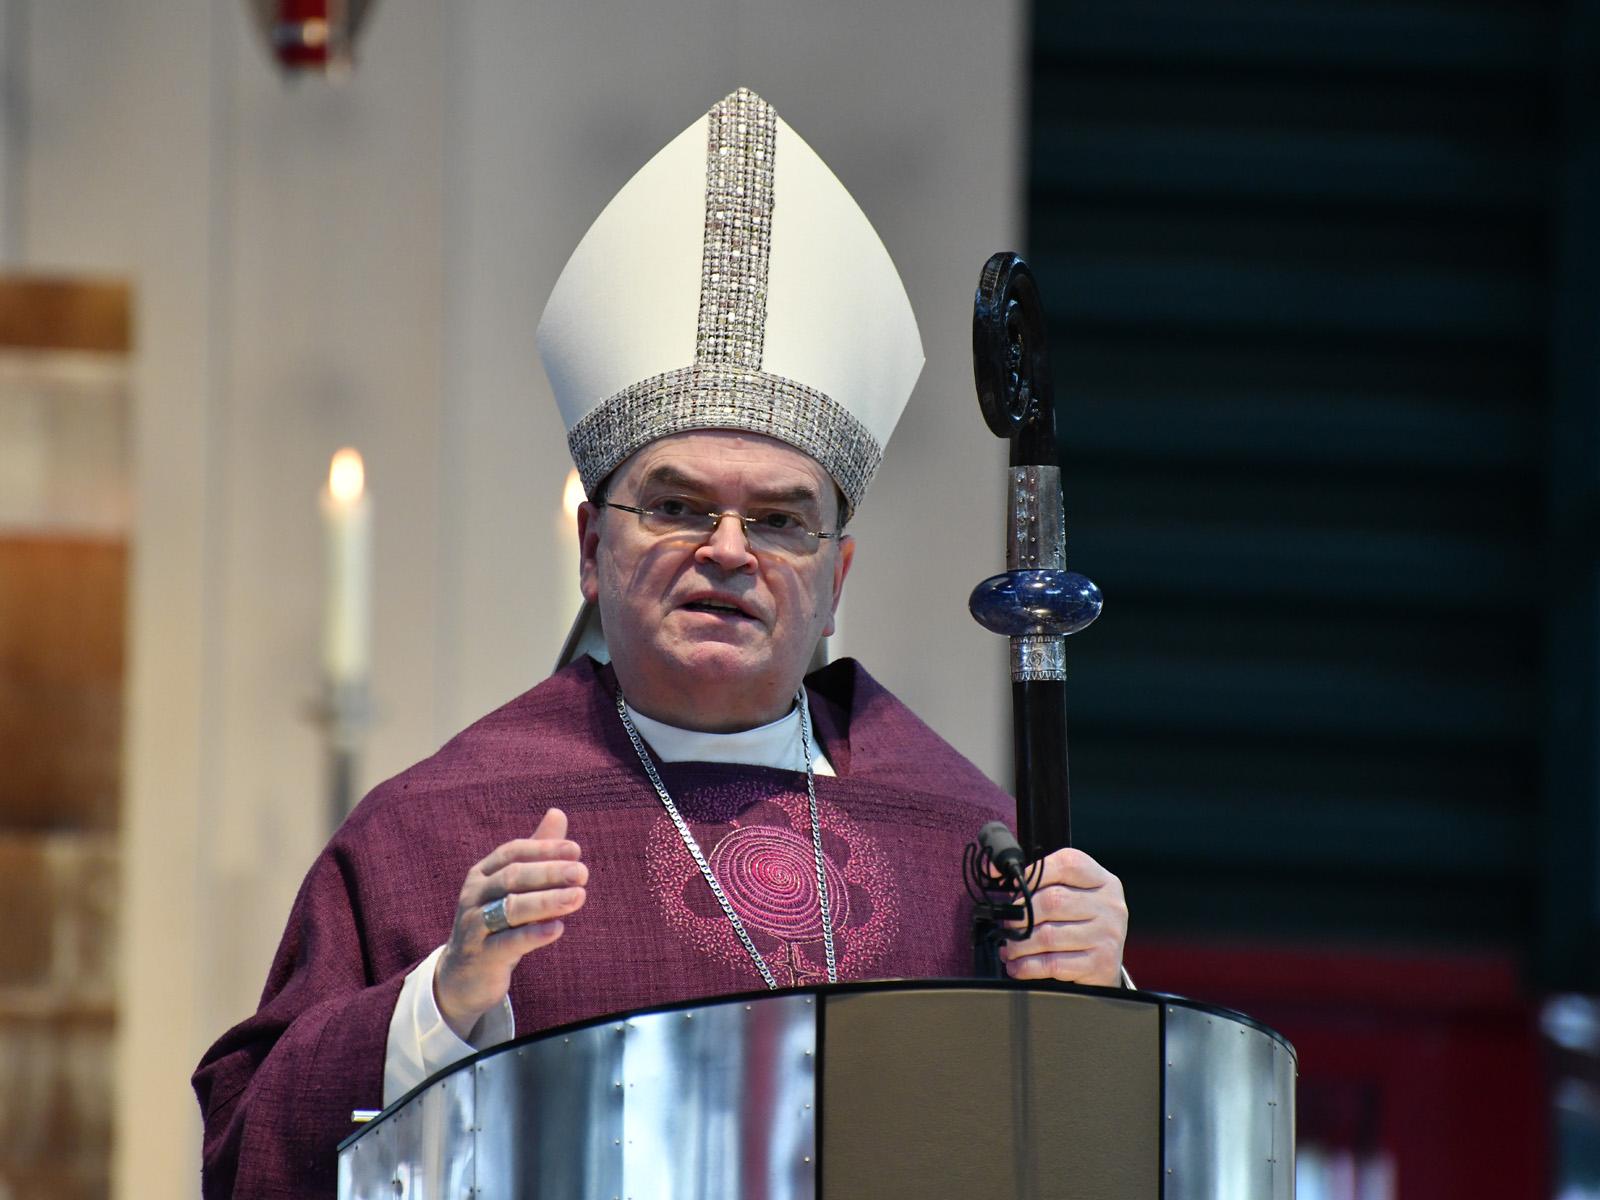 Bischof Bertram bei der Predigt zum Elendssonntag in Wigratzbad (Foto Julian Schmidt_pba) DSC_4222